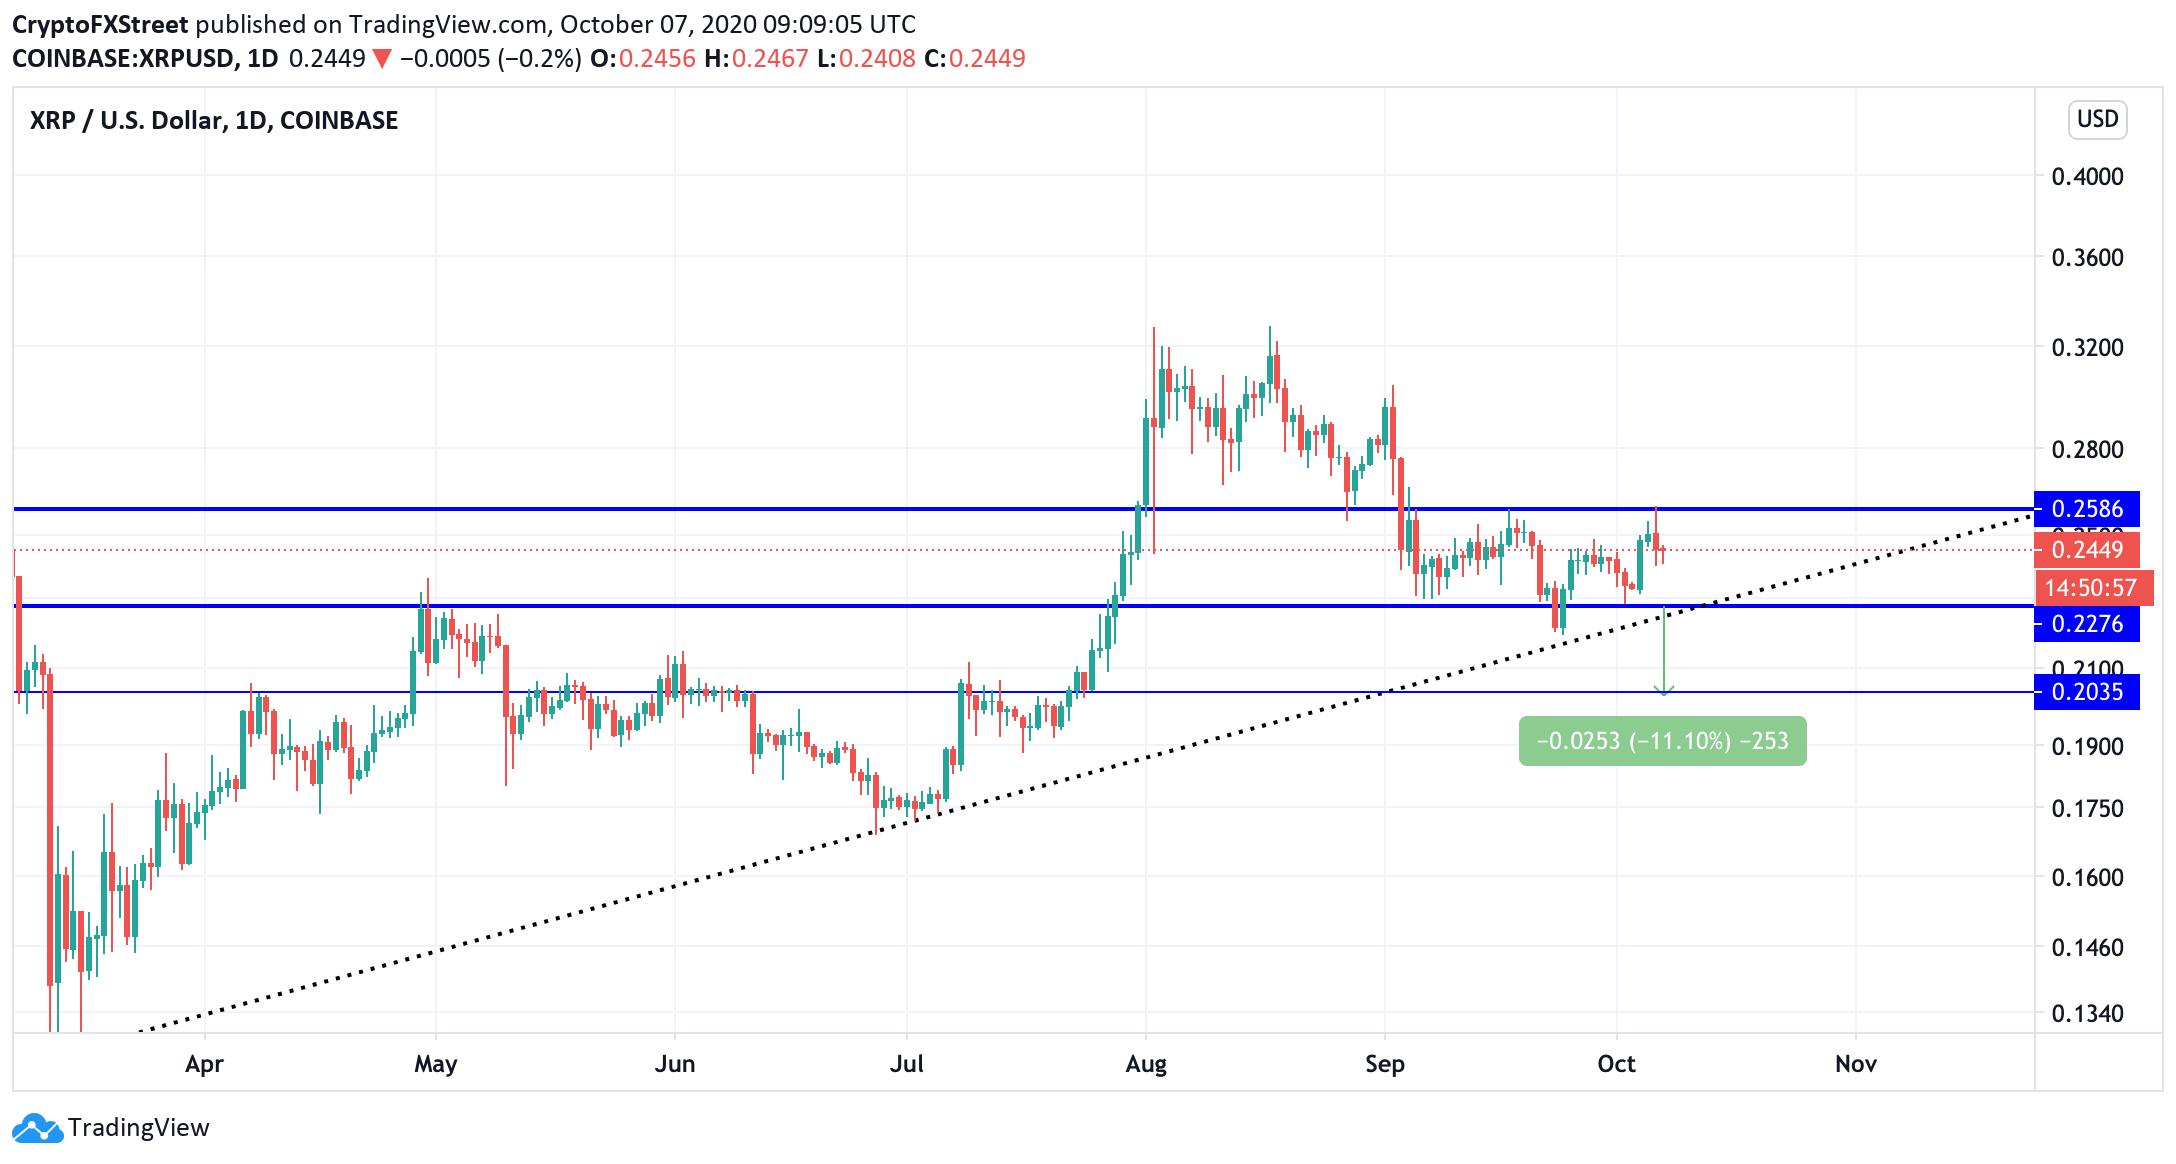 Biểu đồ XRP/USD thị trường Crypto ngày 7/10/2020